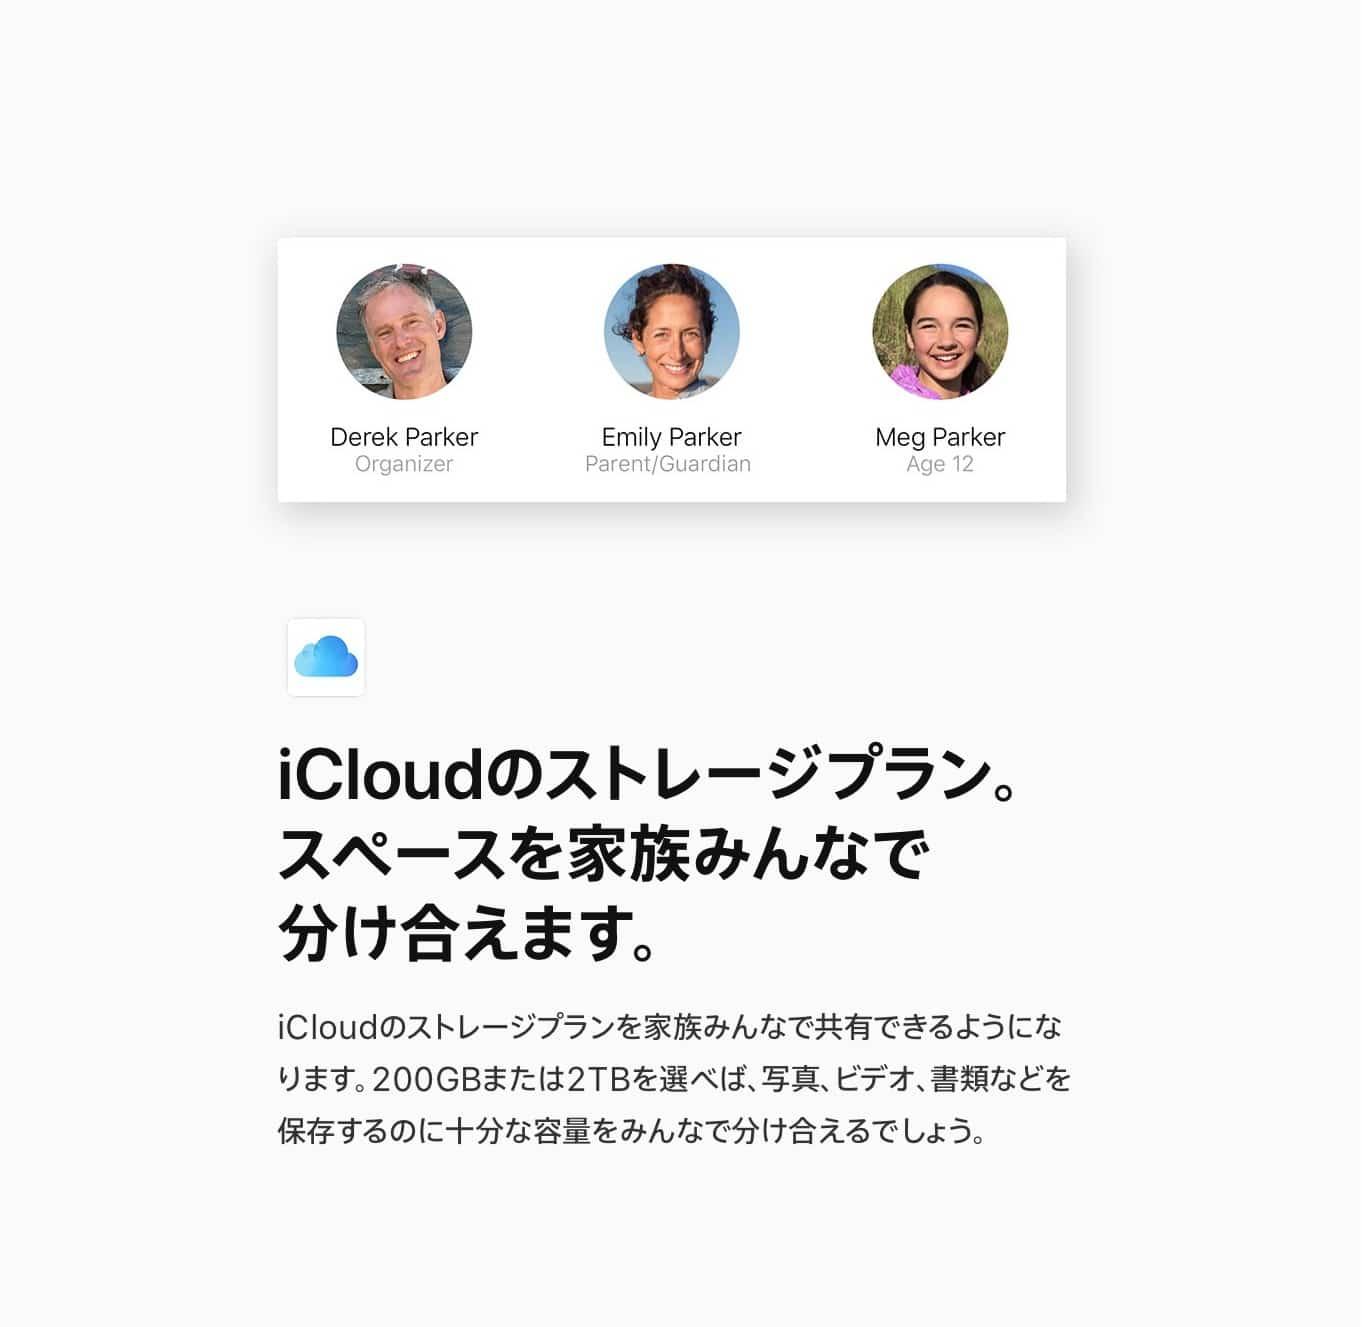 iOS11 iCloudストレージ共有